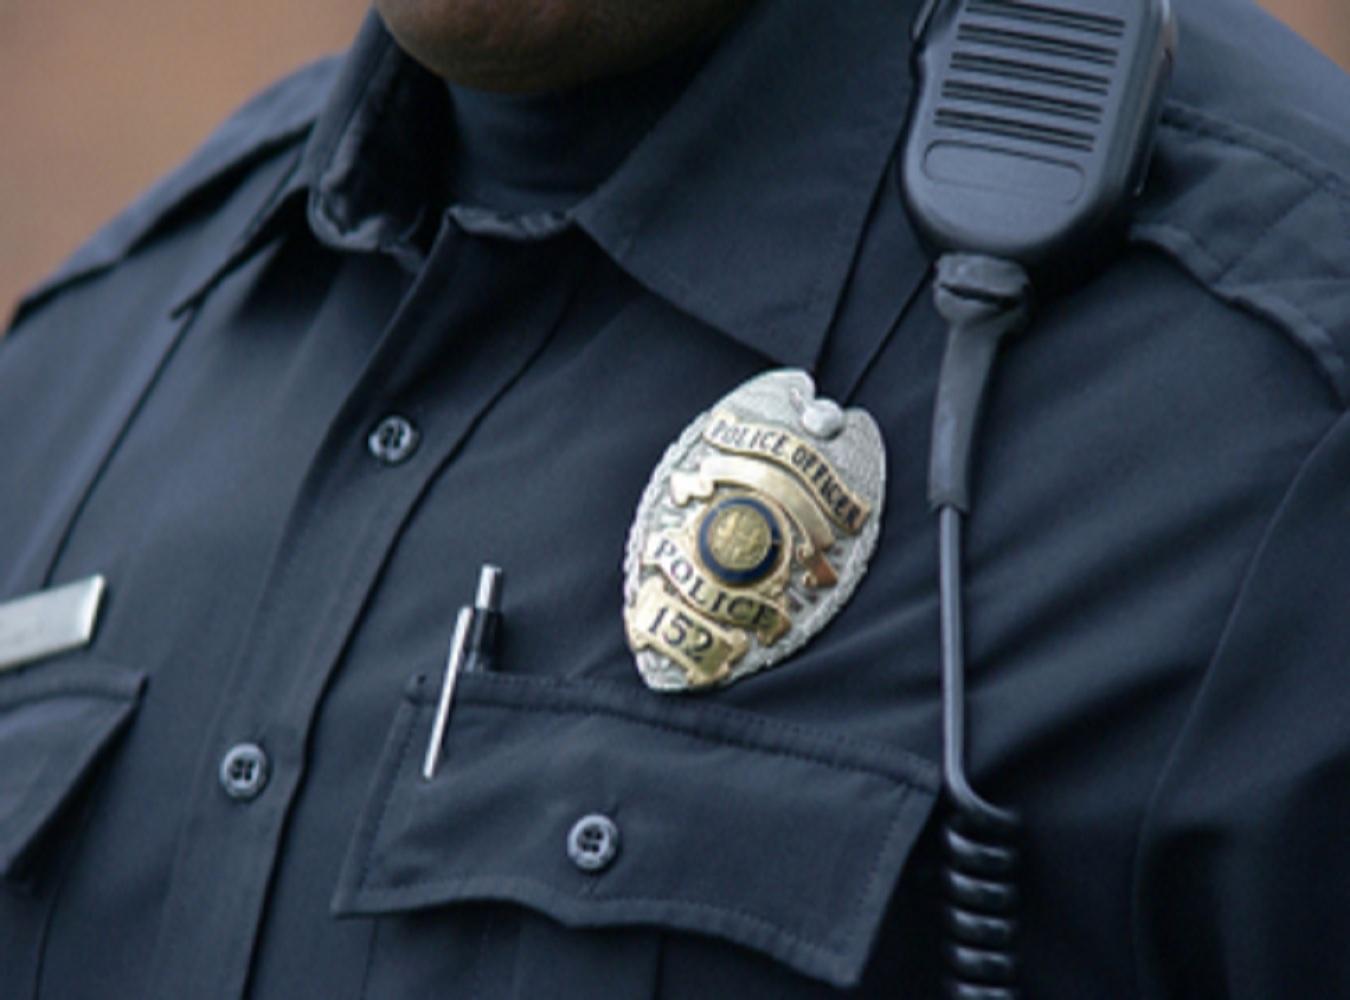 police badge_1449032858803.jpg